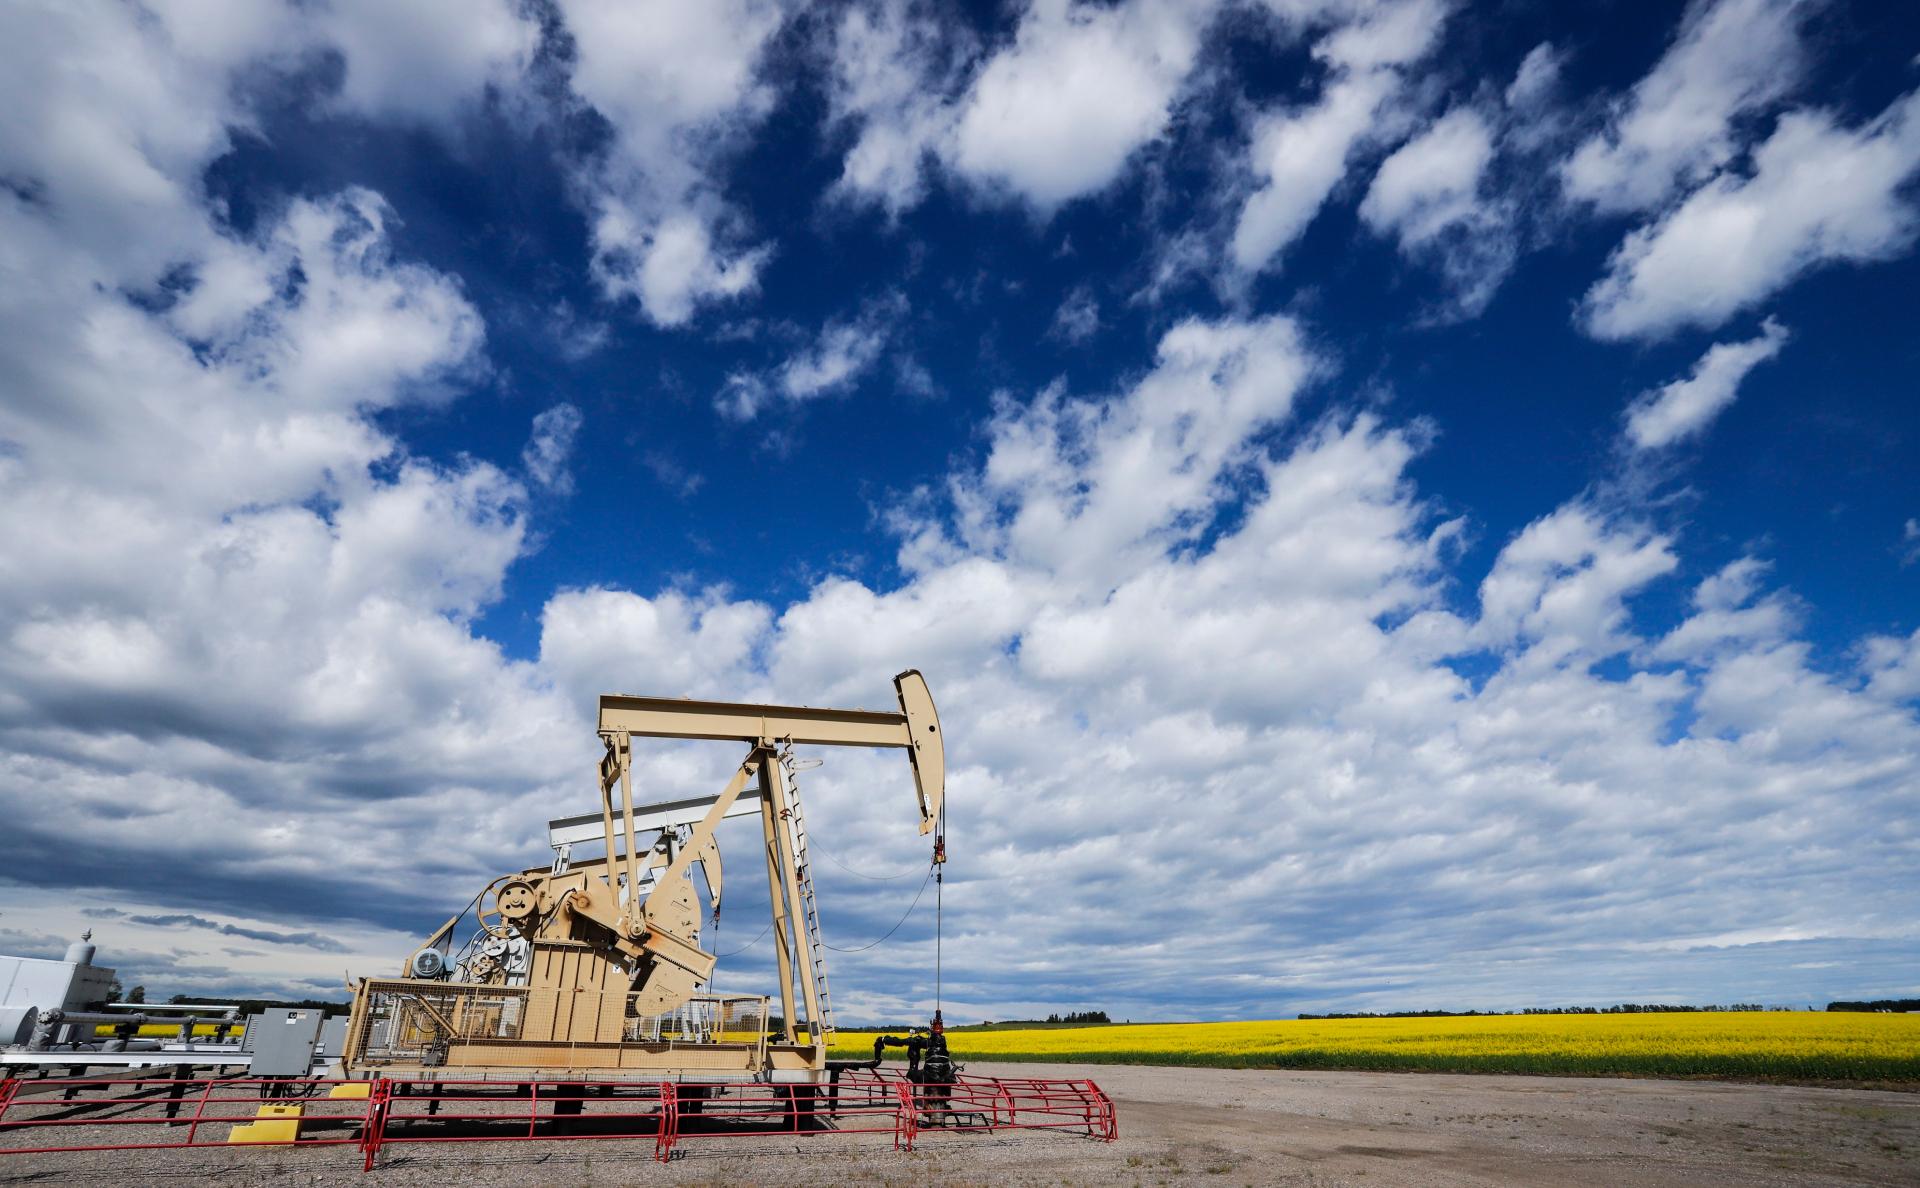 Минэнерго США допустило рост цен на нефть Brent выше $173 к 2050 году